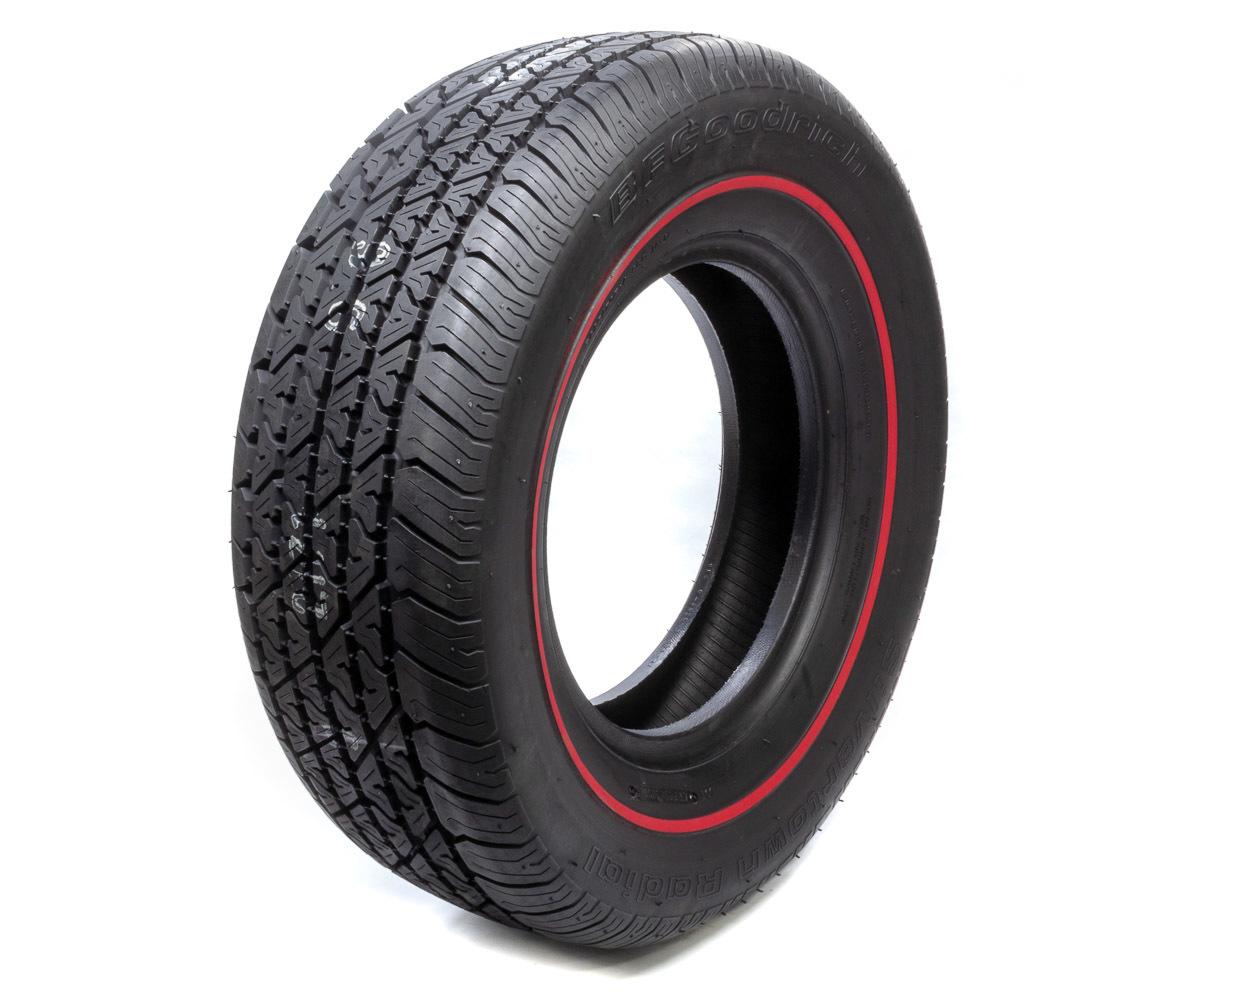 P225/70R14 BFG Redline Tire